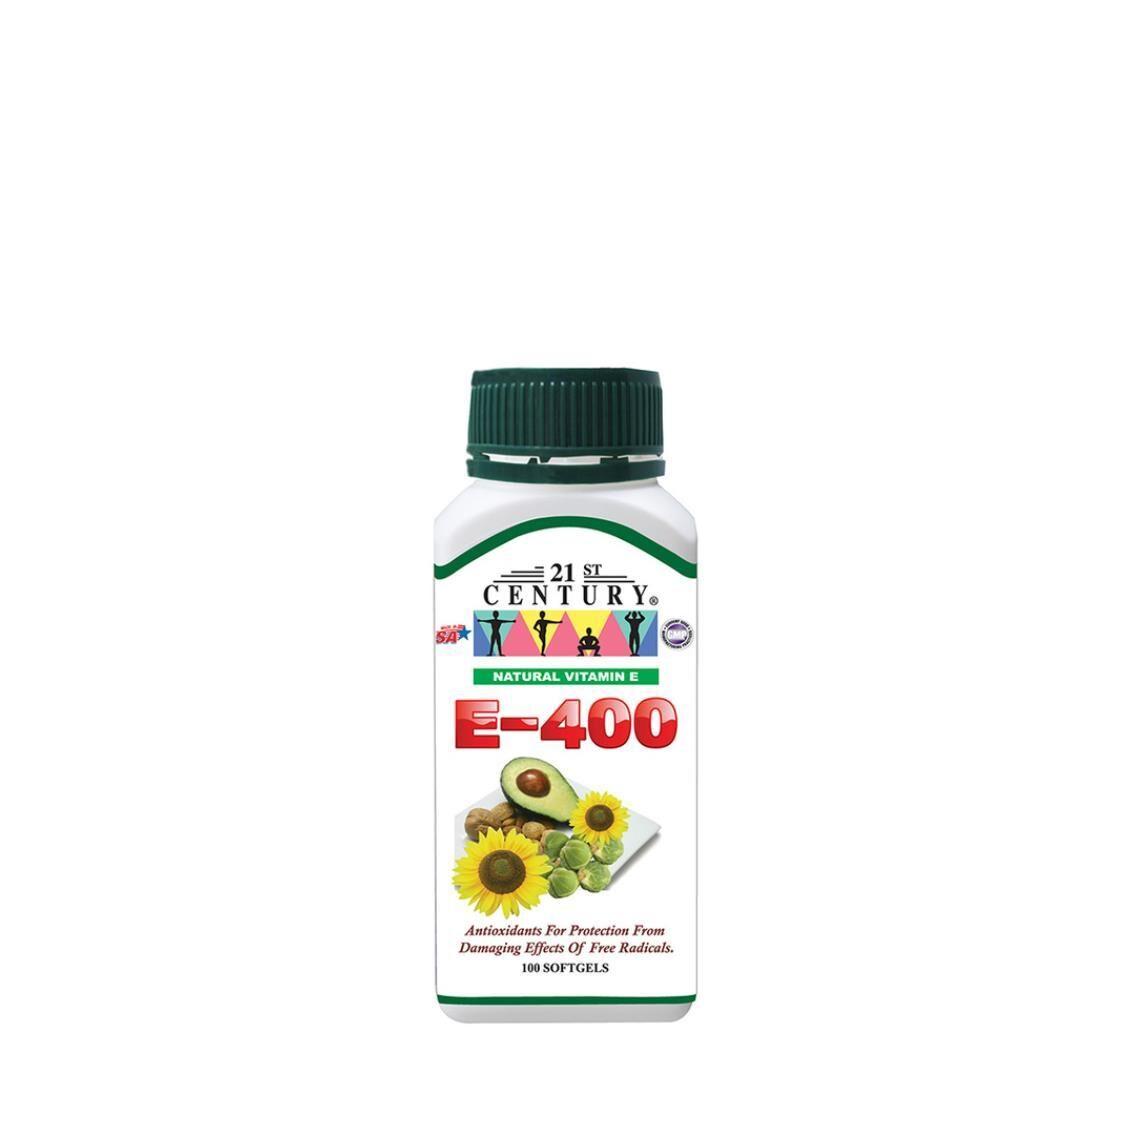 E400iu Natural